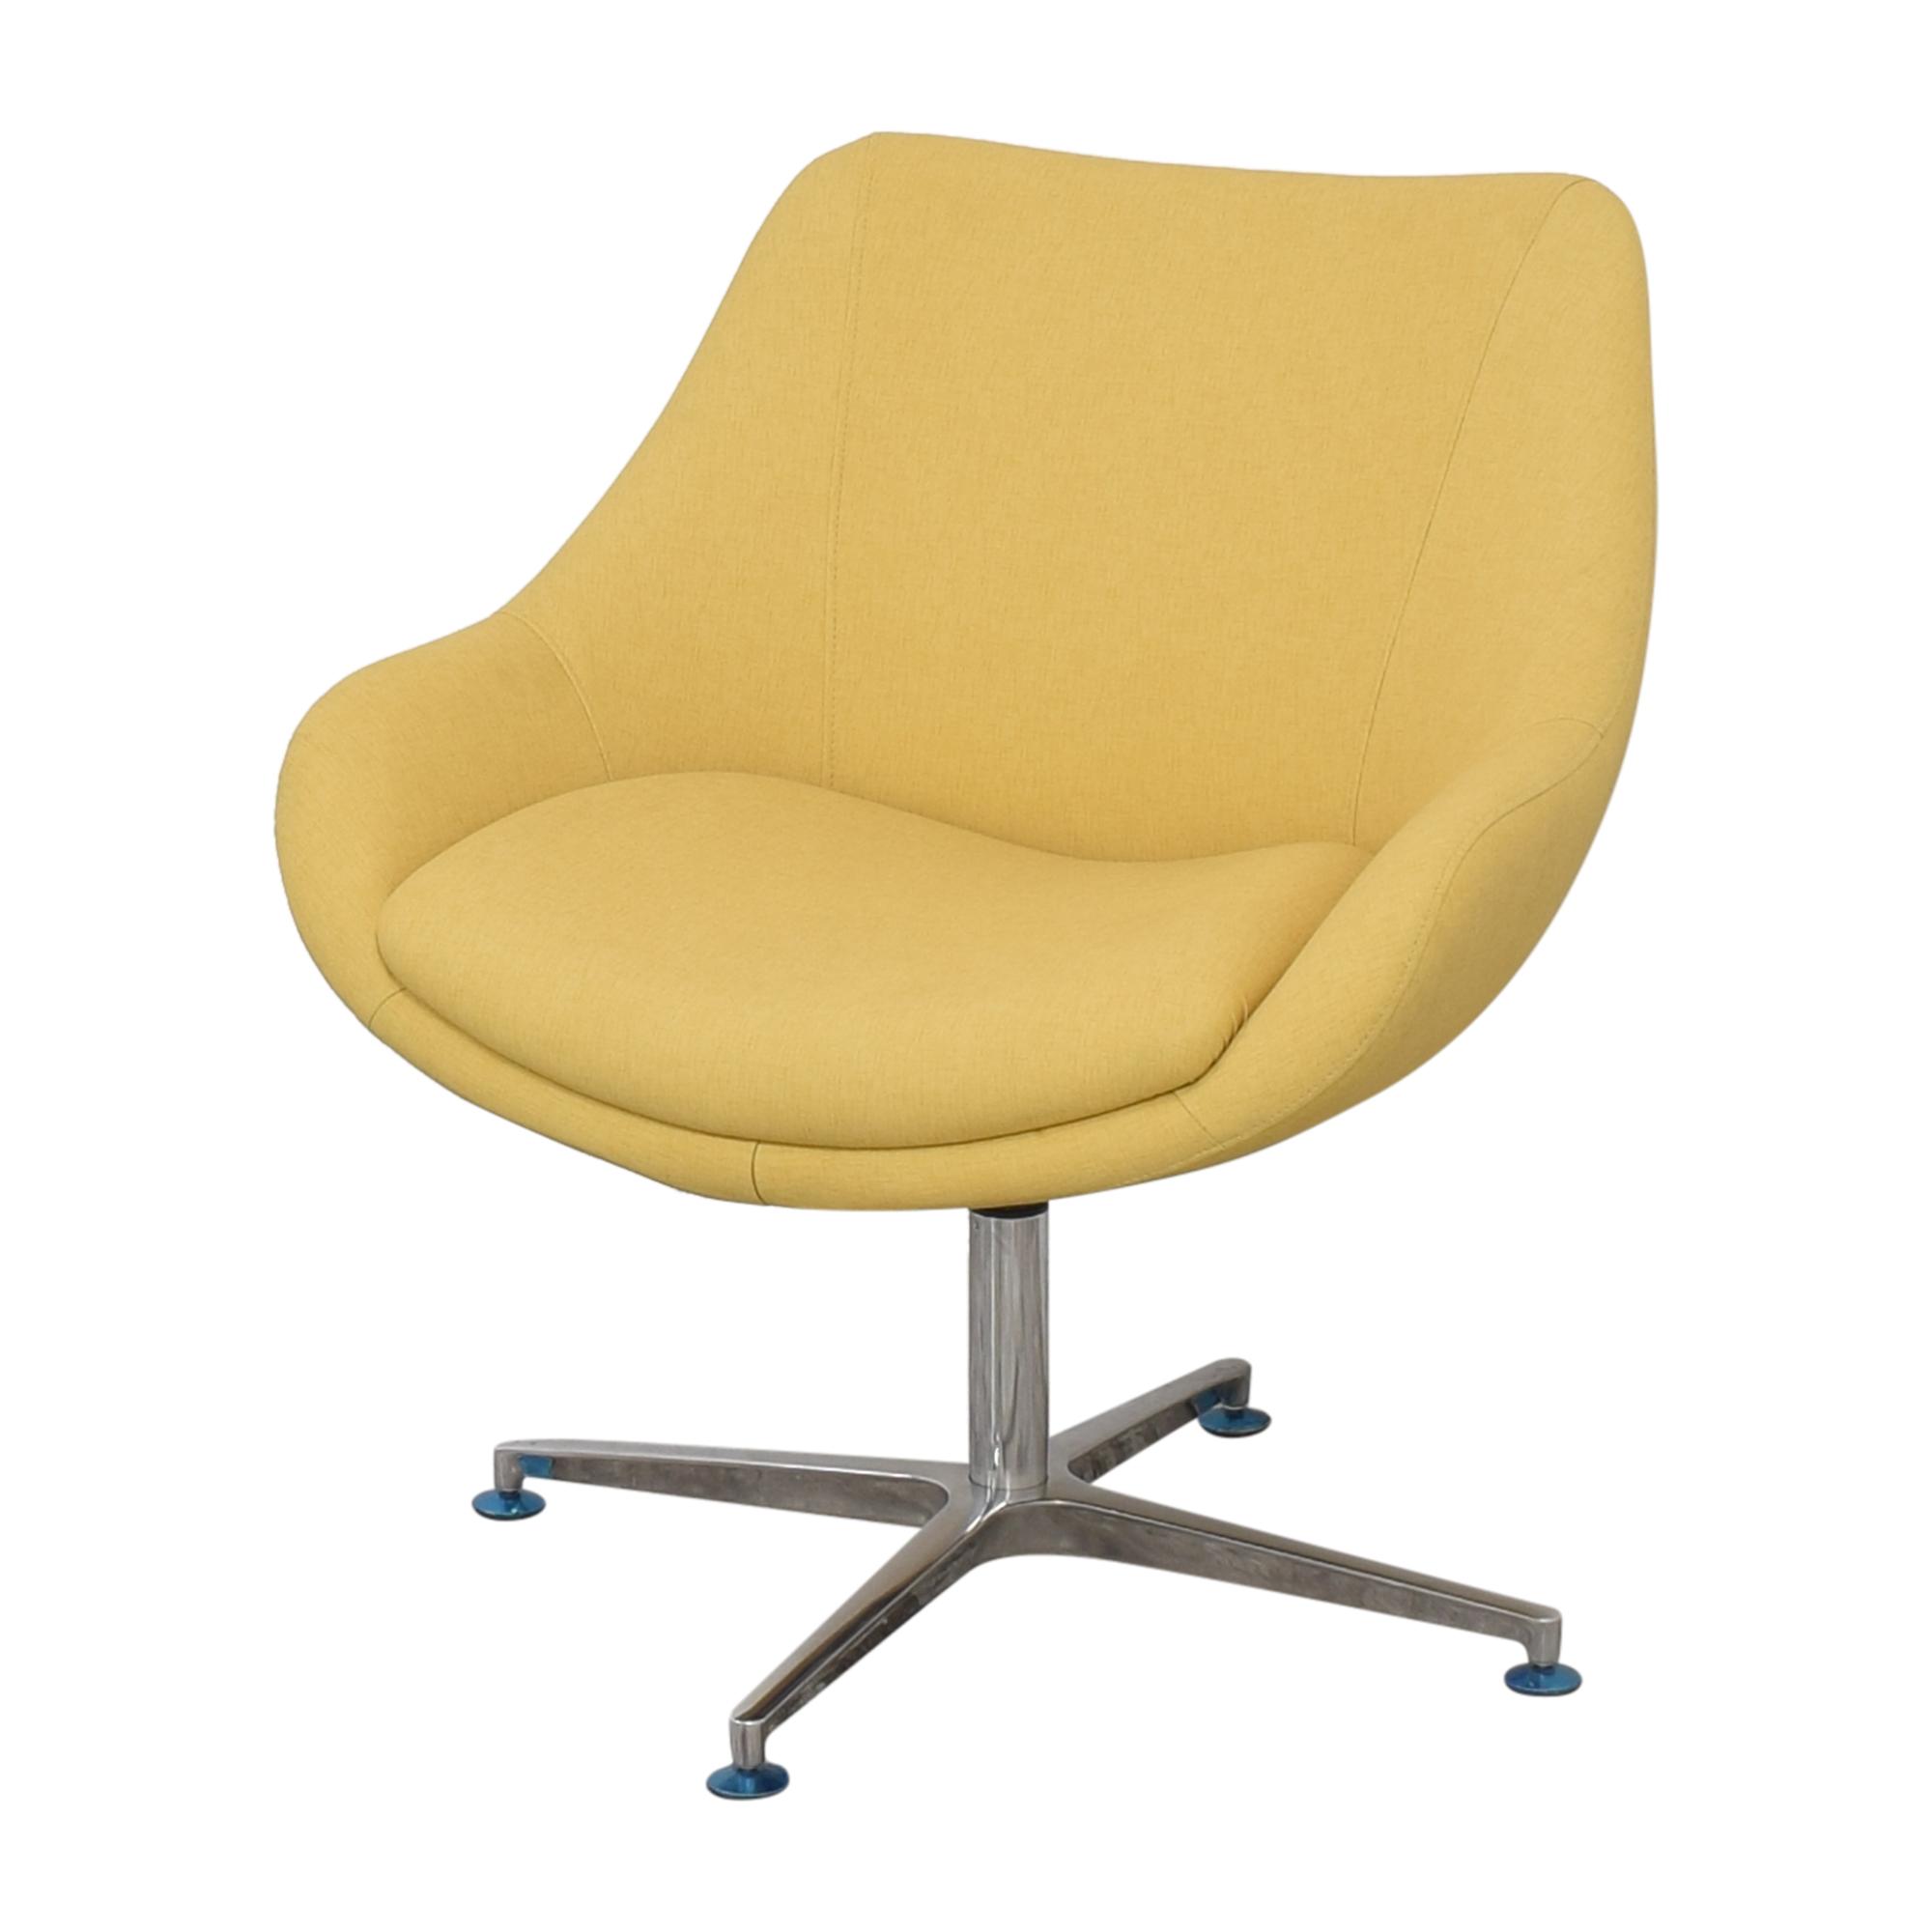 Kimball Kimball Bloom Swivel Lounge Chair coupon